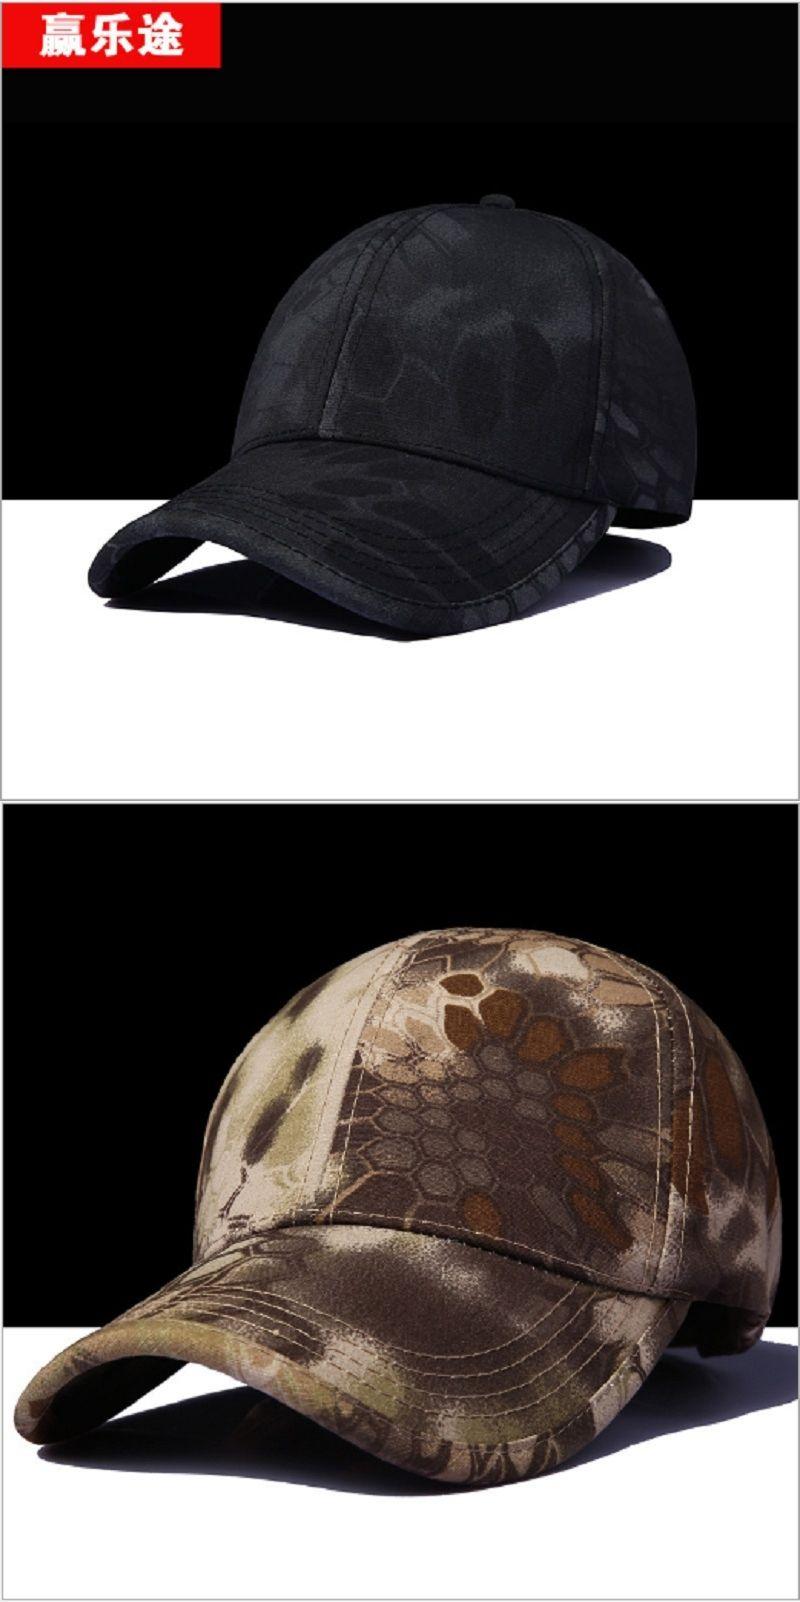 ed6e439c045 2017 autumn and winter baseball cap men camouflage cap men and women outdoor  sun protection sun